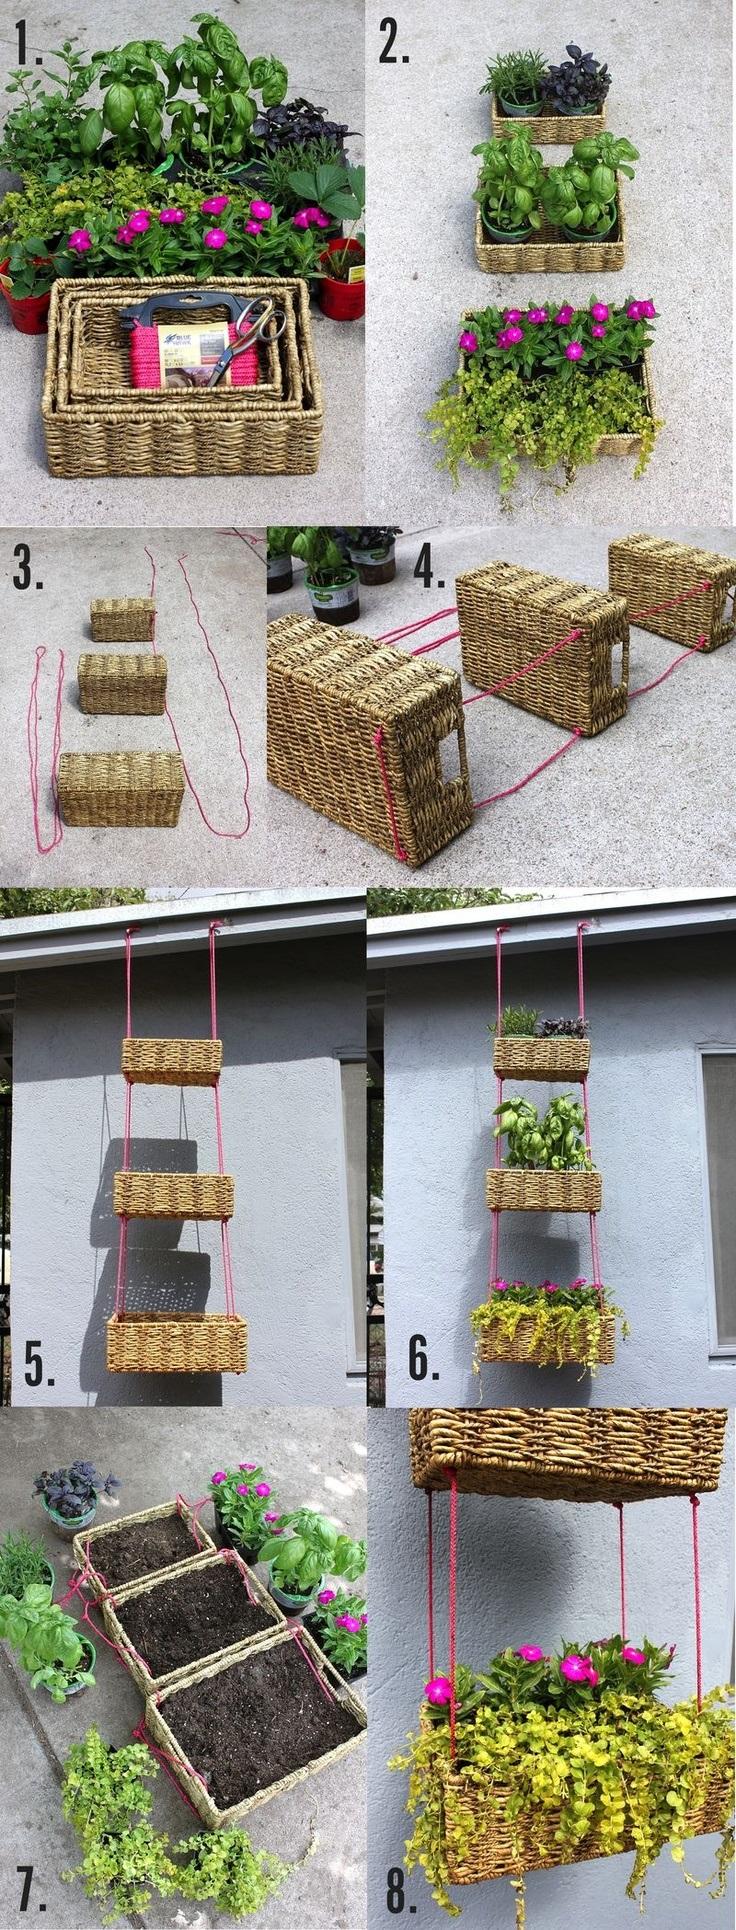 Diy garden decor ideas - Top 10 Diy Garden Decoration Ideas